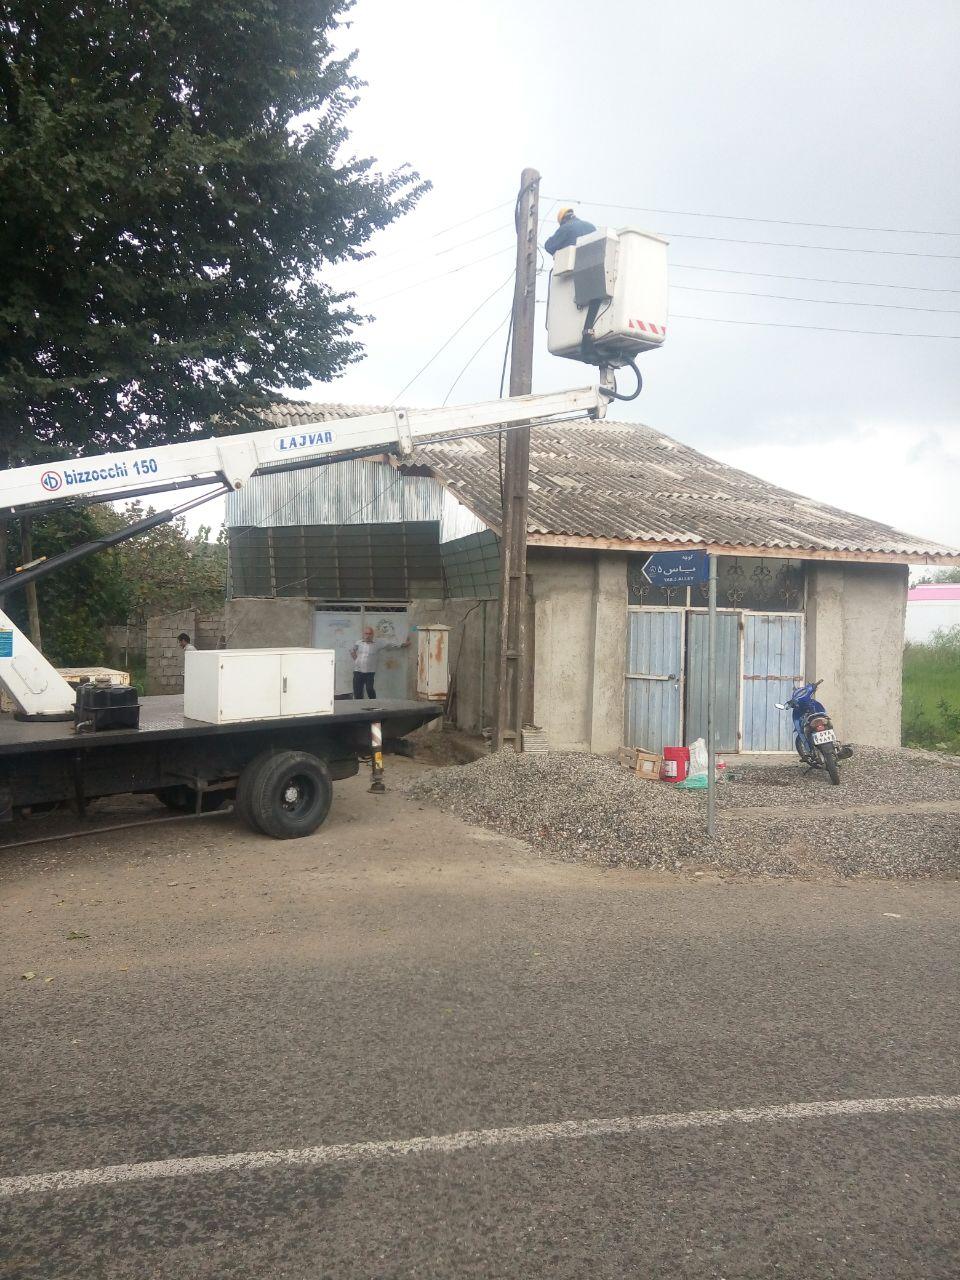 تقویت شبکه برق خانگی کوچه یاس ۵ گیلاکجان بهمراه تعویض تیر چراغ برق